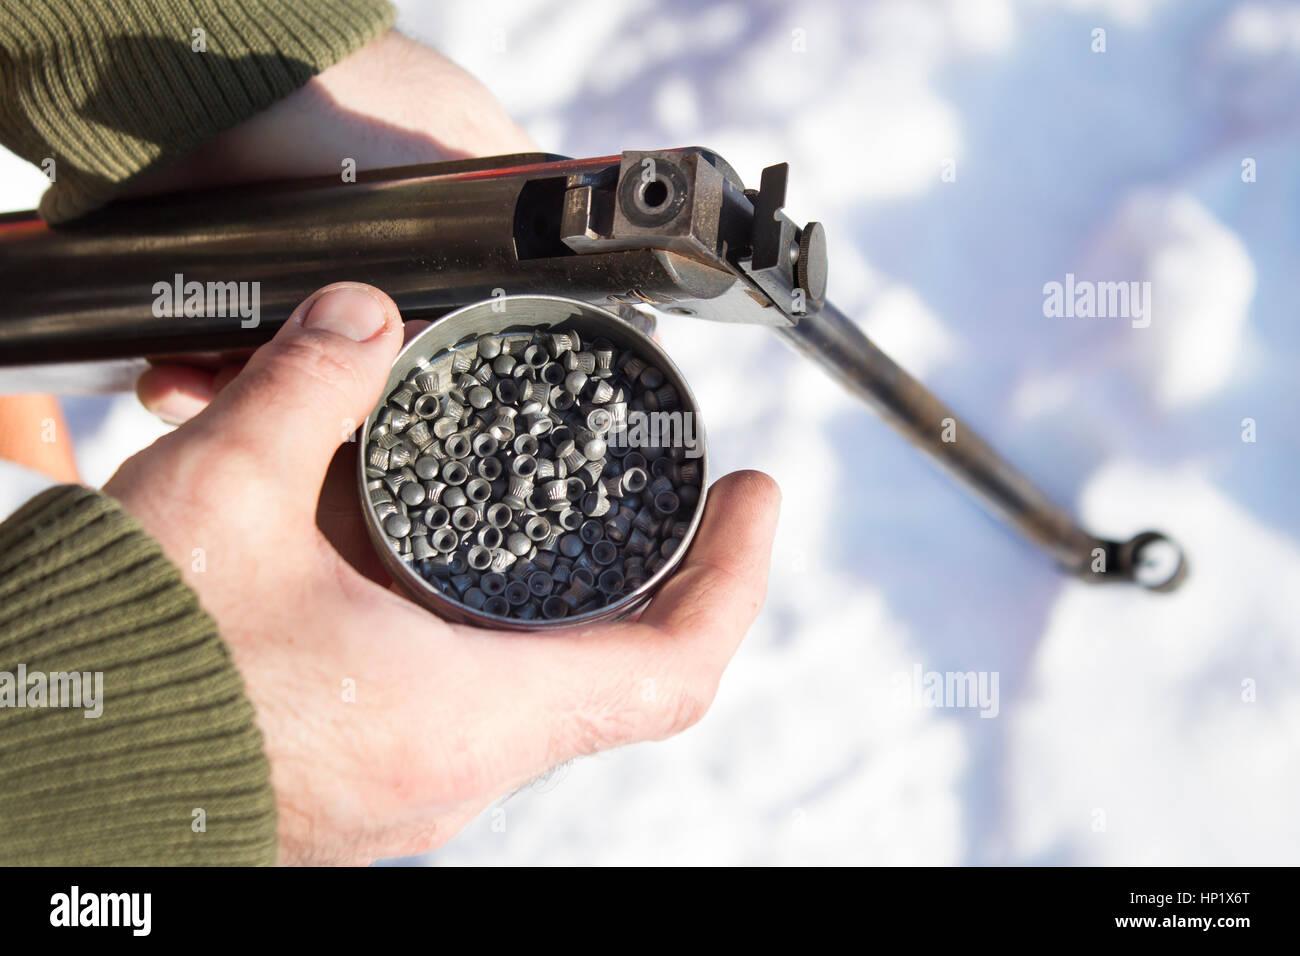 Waffe Stockfotosamp; Stockfotosamp; Pneumatische Stockfotosamp; Bilder Stockfotosamp; Pneumatische Waffe Waffe Pneumatische Bilder Bilder Pneumatische Waffe tQhrsdC